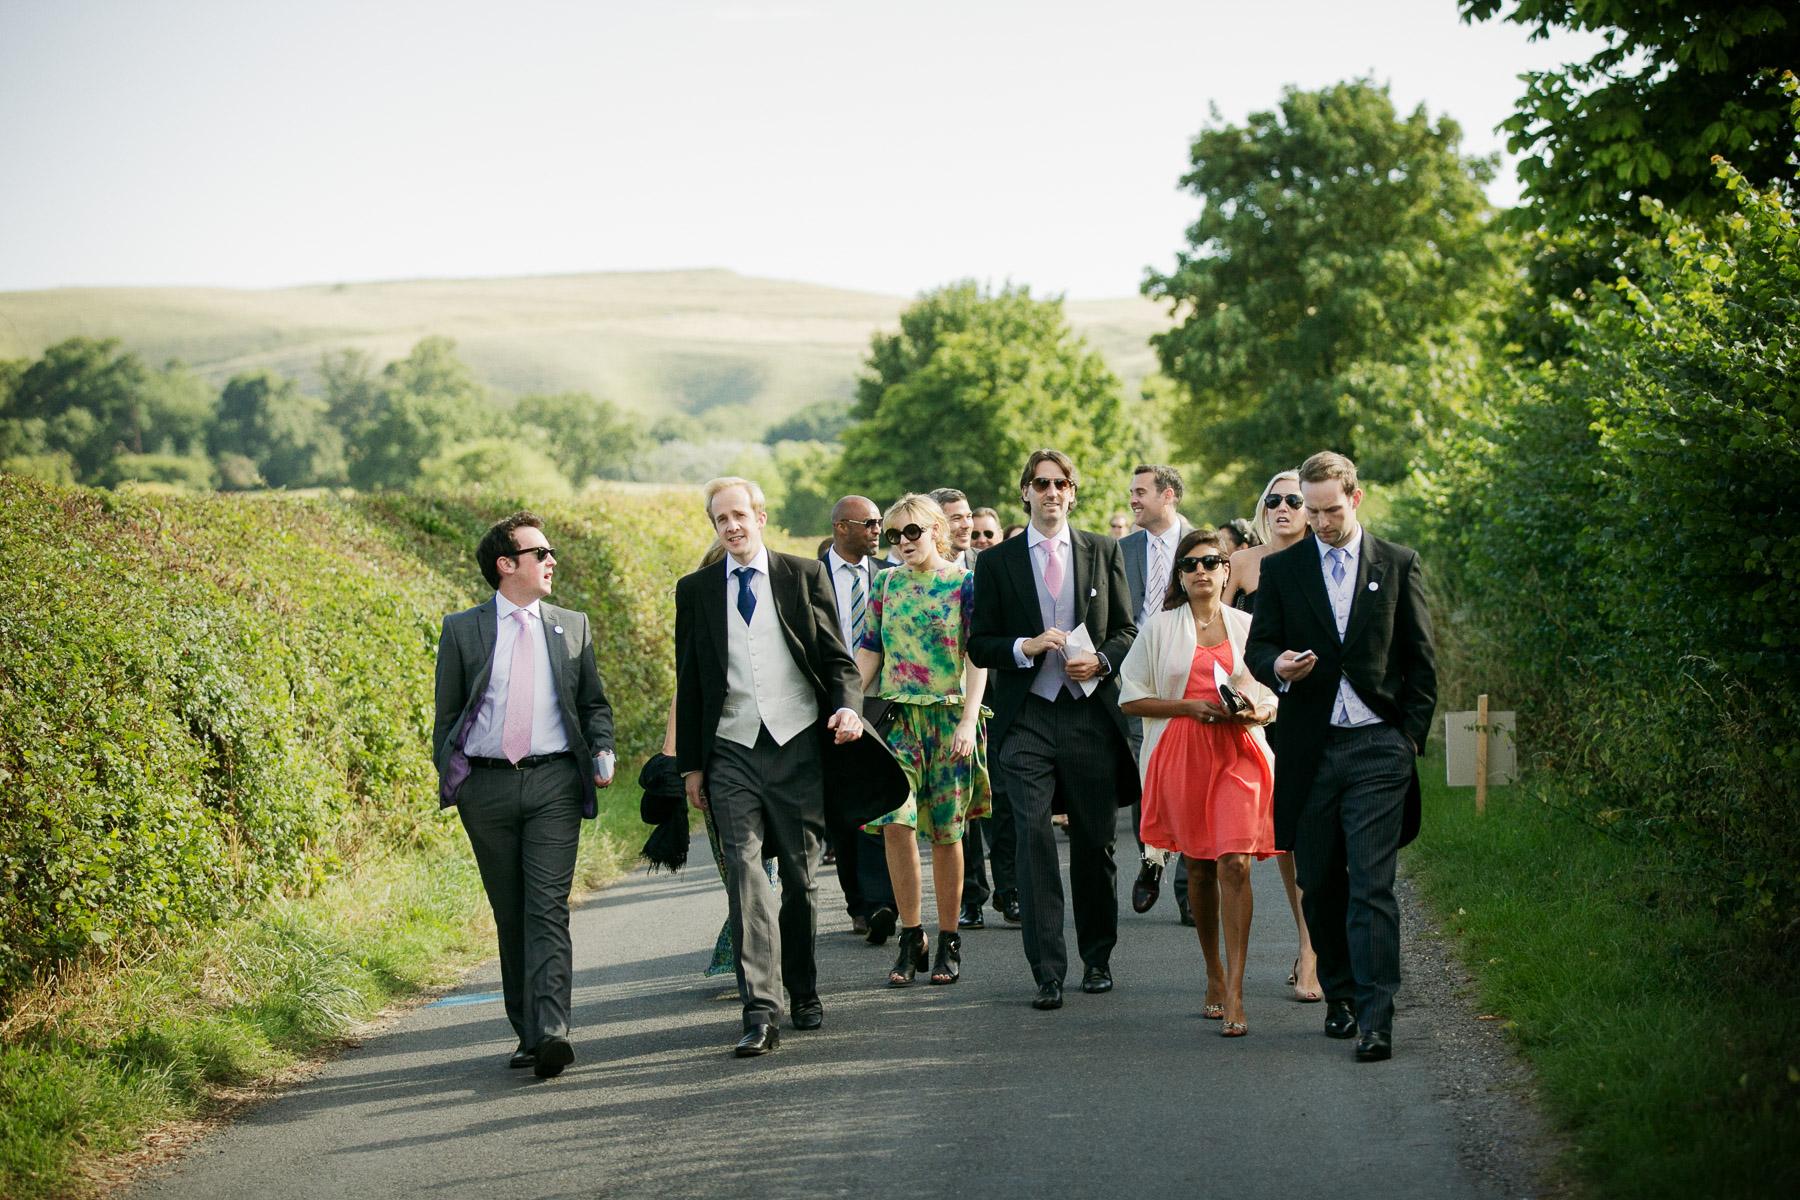 wedding portfolio 25-09-17  078.jpg